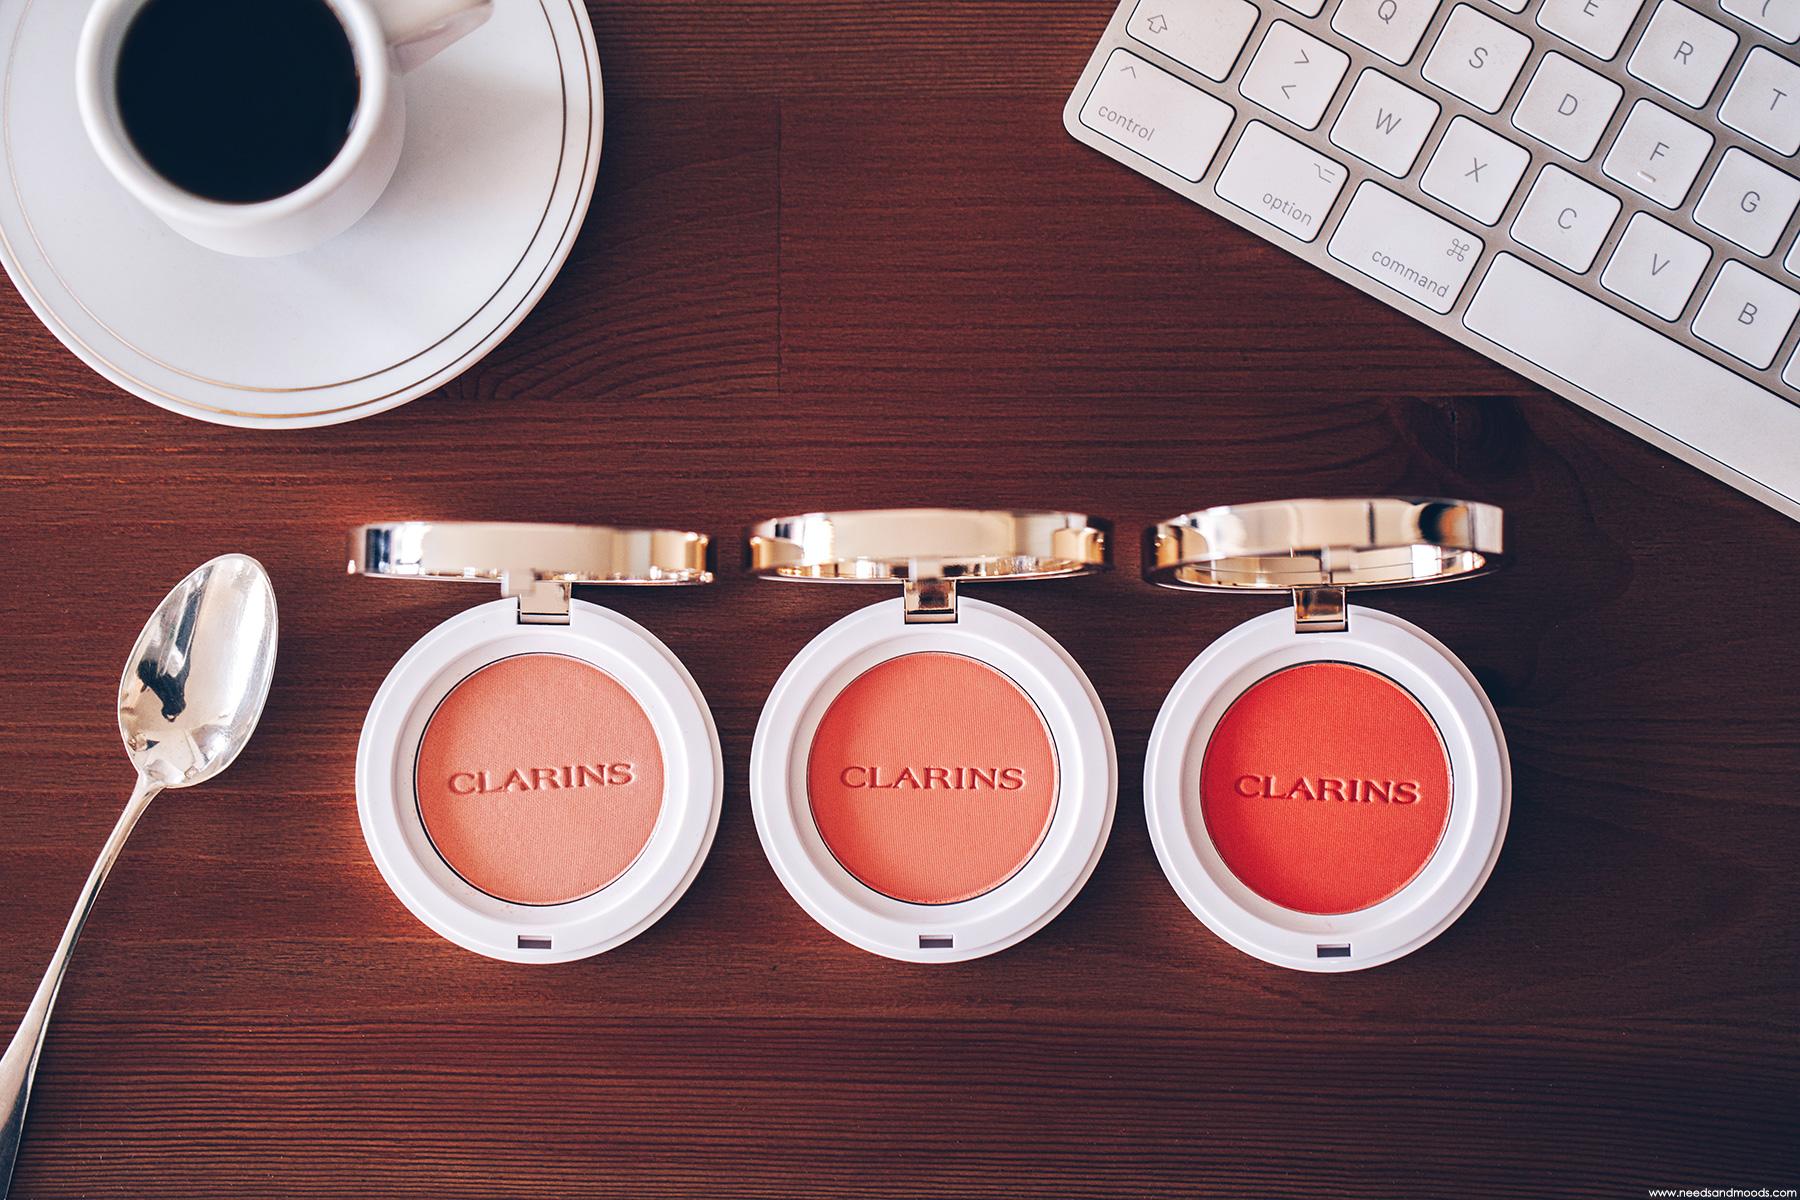 clarins joli blush cheeky boum peach coral